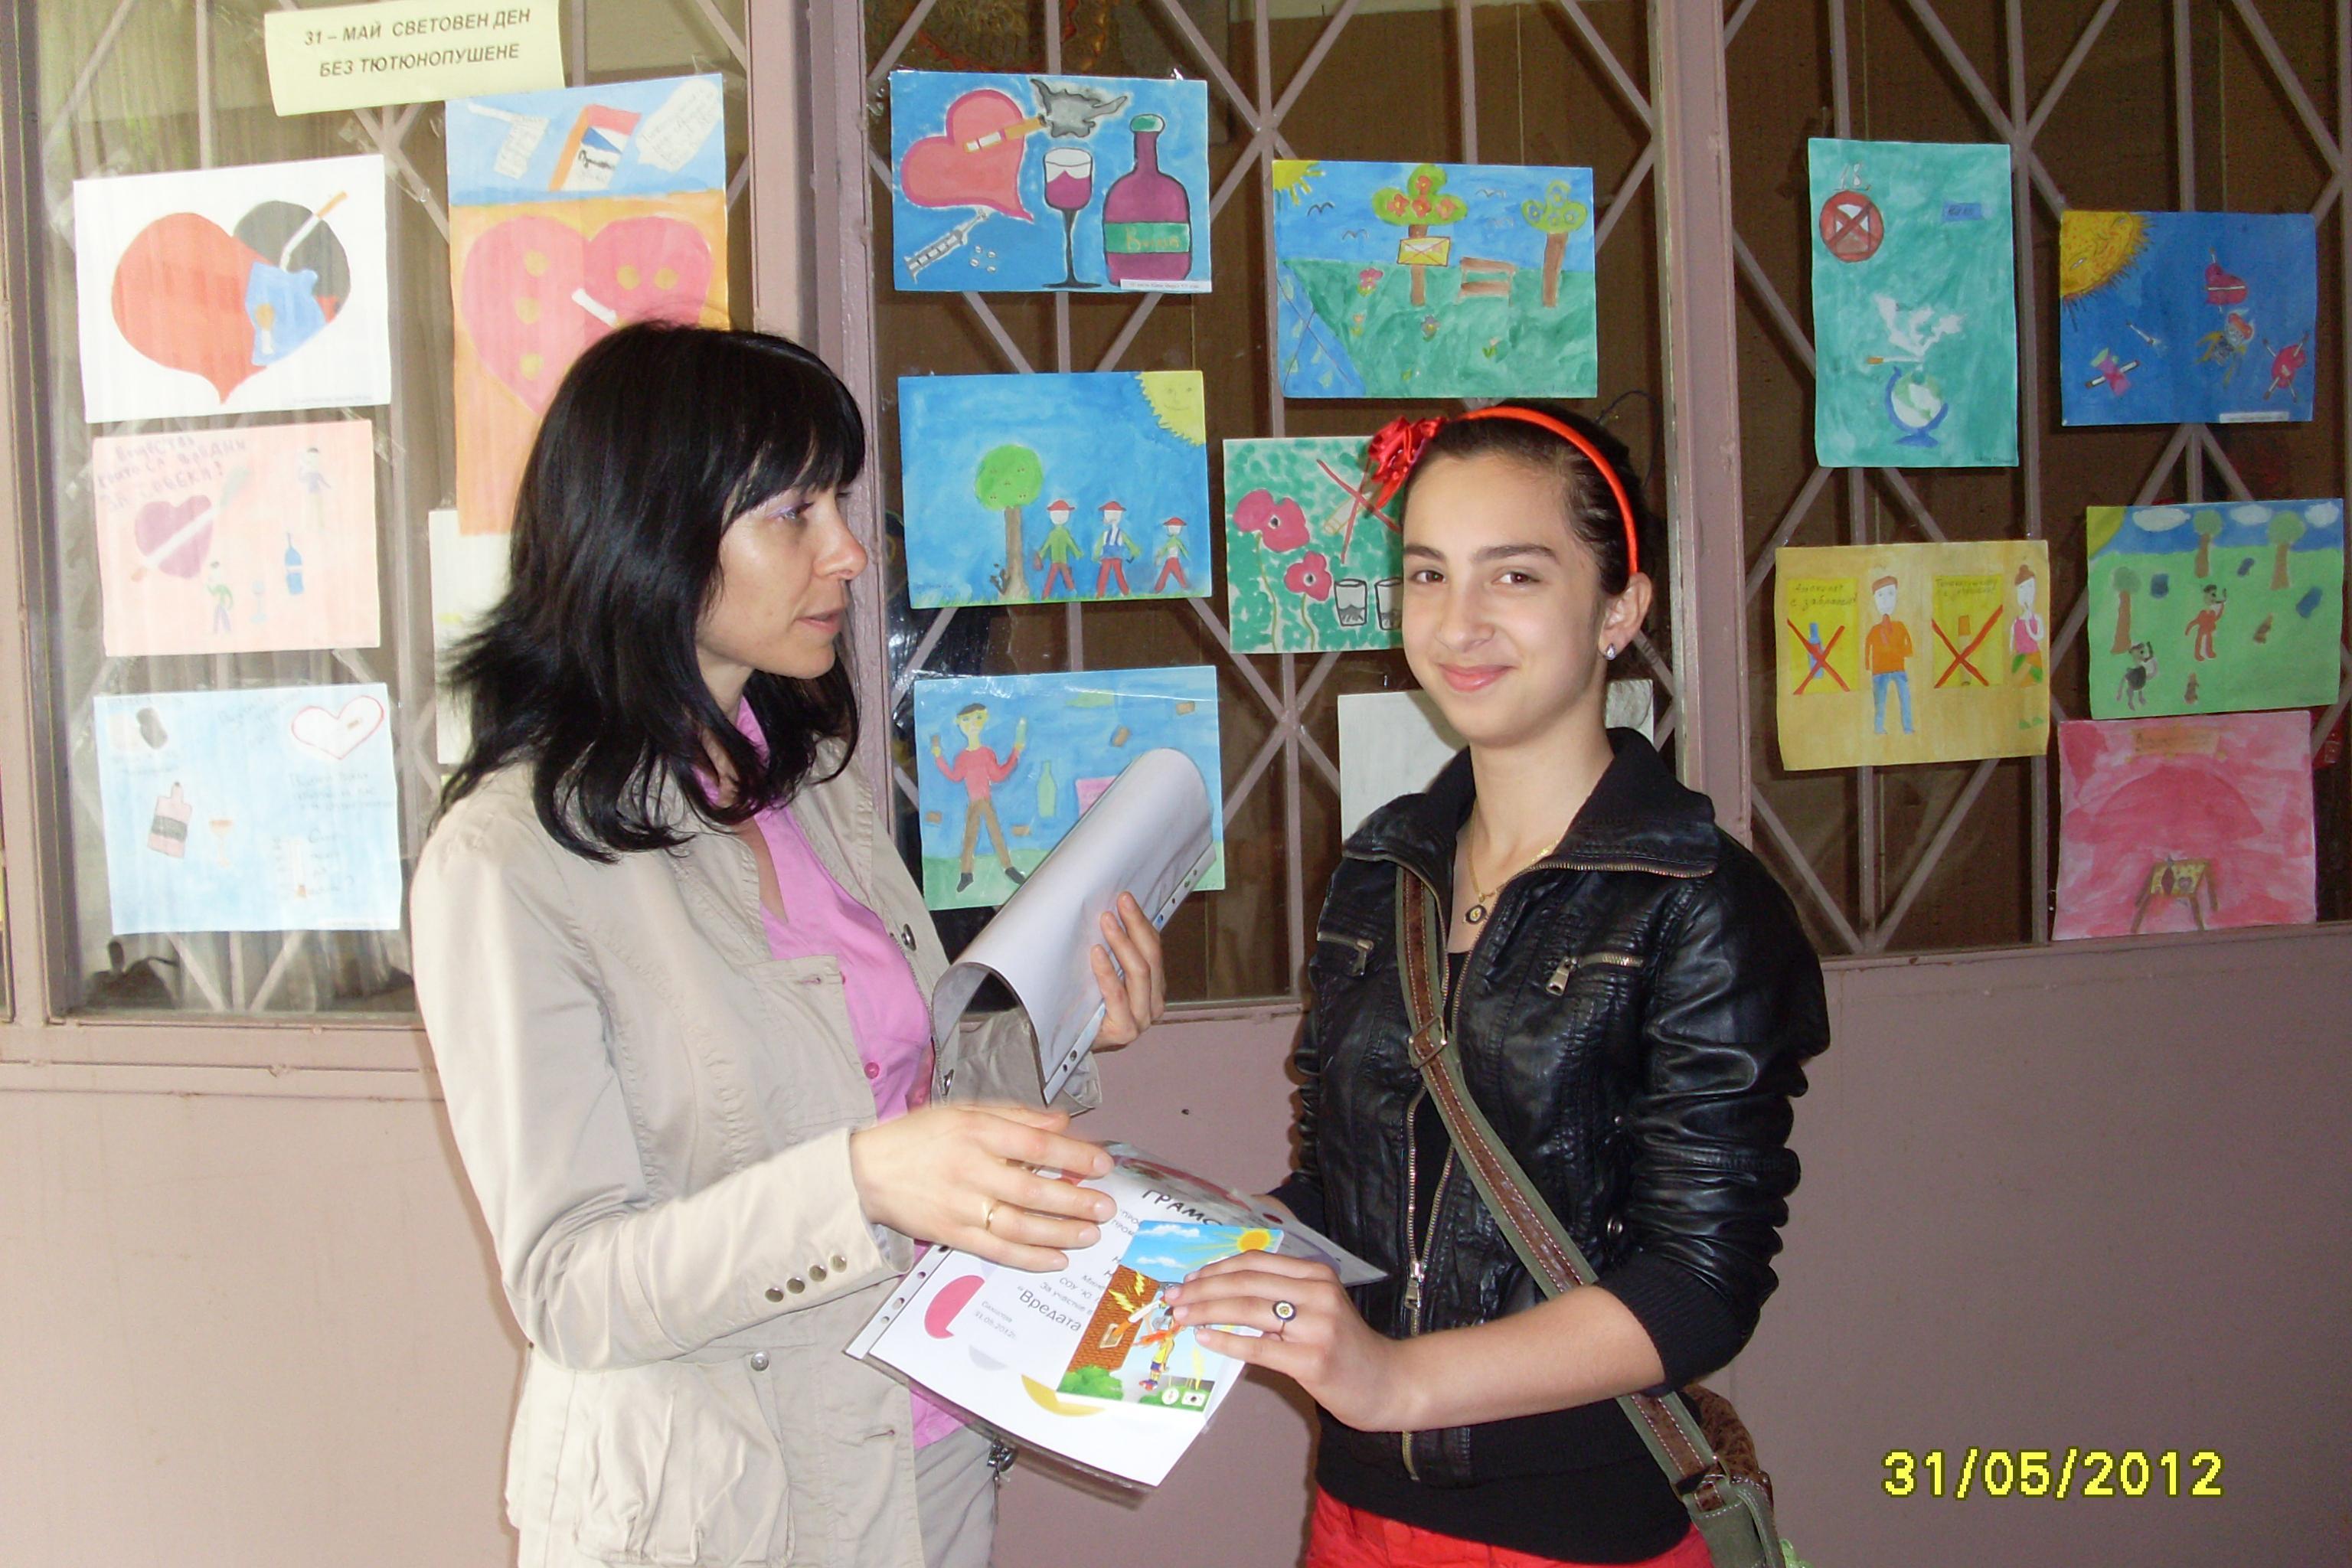 """СОУ """"Ю. Гагарин"""" и ОСУ """"Дръстър"""" представиха изложби с рисунки на тема """"Вредата от цигарите"""""""